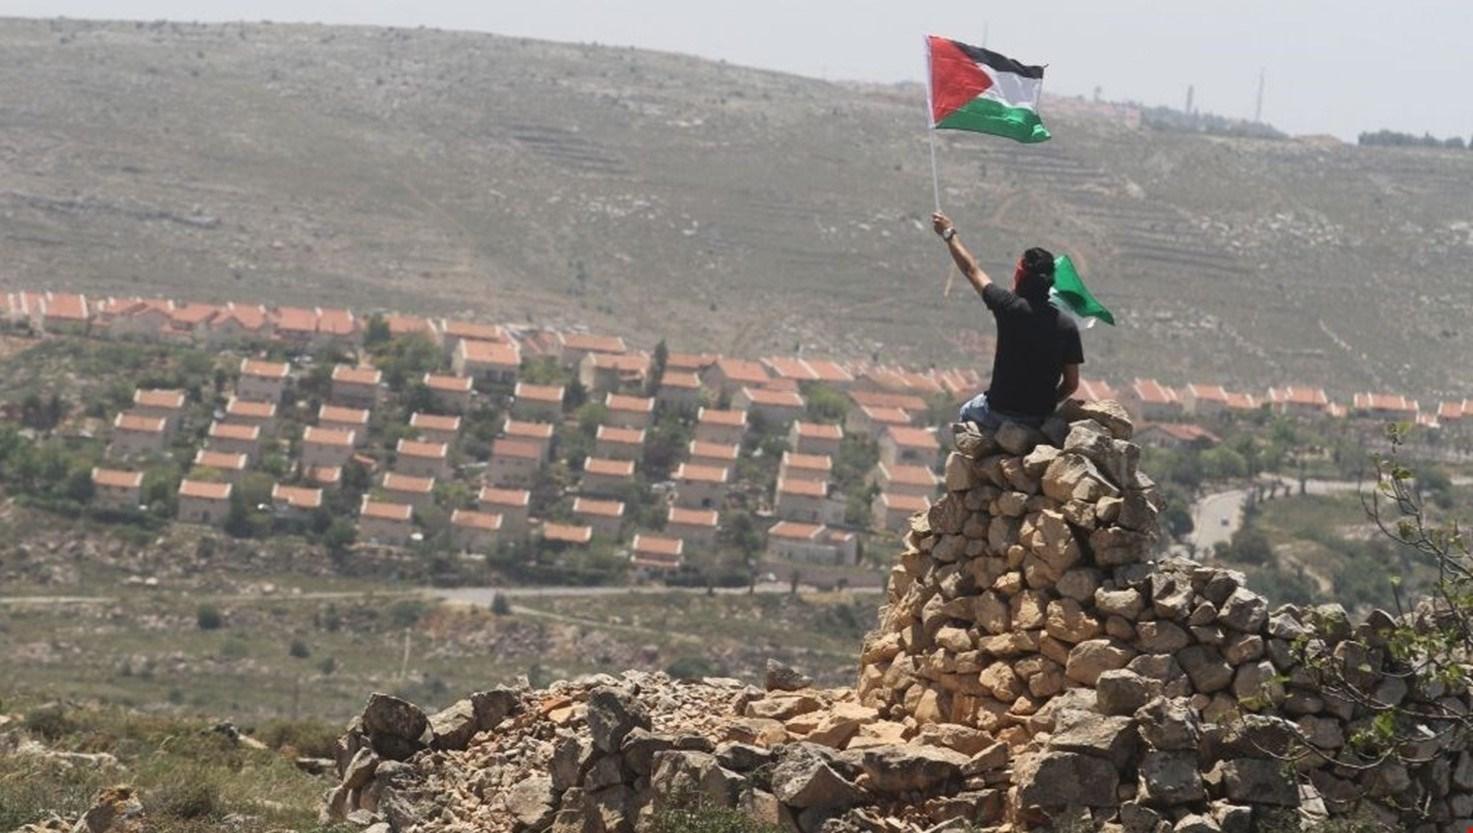 حسين الشيخ: من يتحدث عن استعداده لزيارة الأراضي الفلسطينية والتفاوض عليه أن يؤمن بالشرعية الدولية